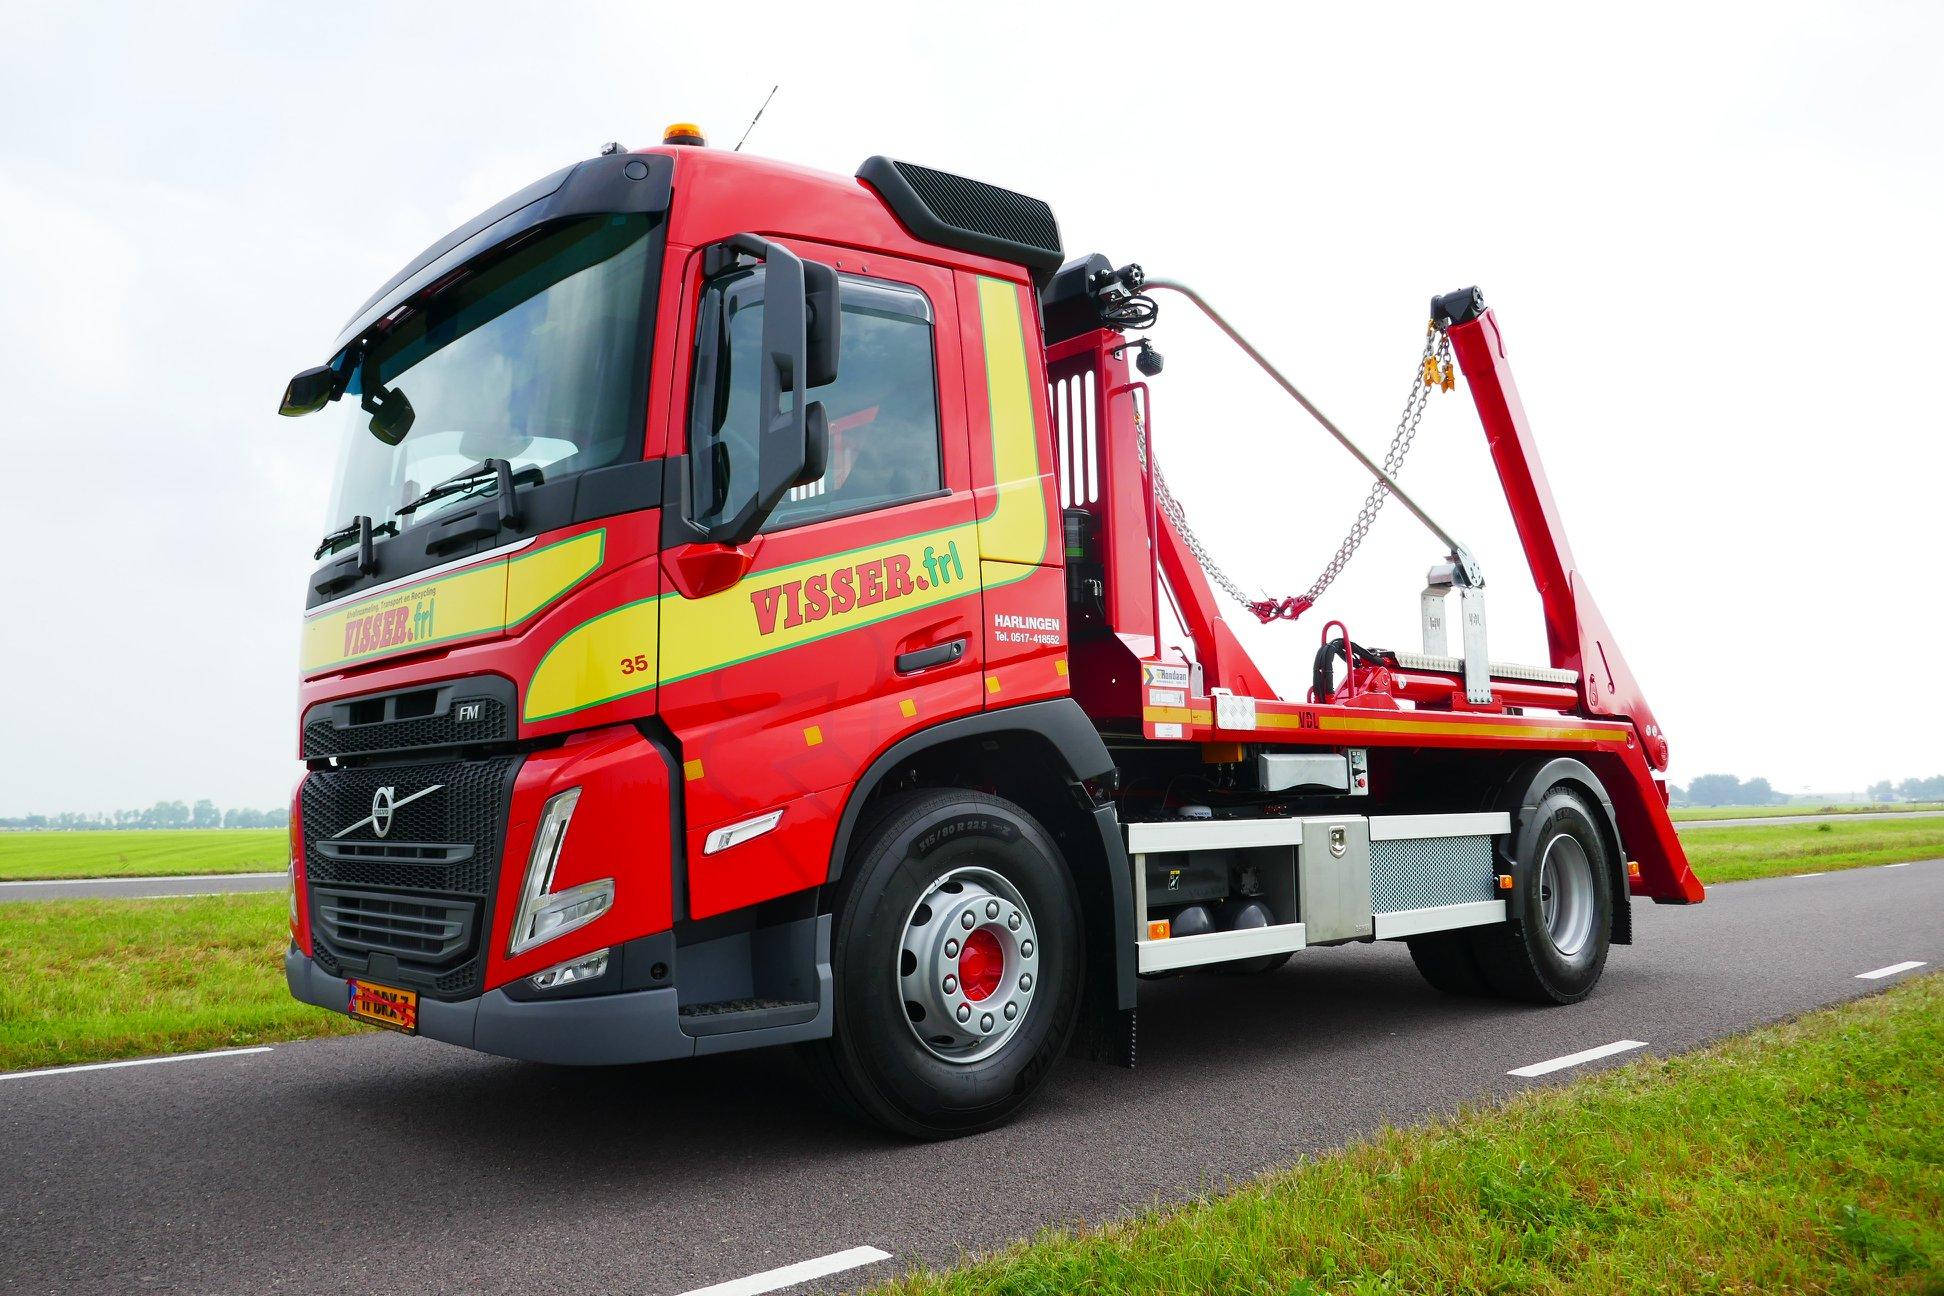 29-9-2021-Volvo-FM-Carrosserie--Rondaan-VDL-portaalsysteem-(4)